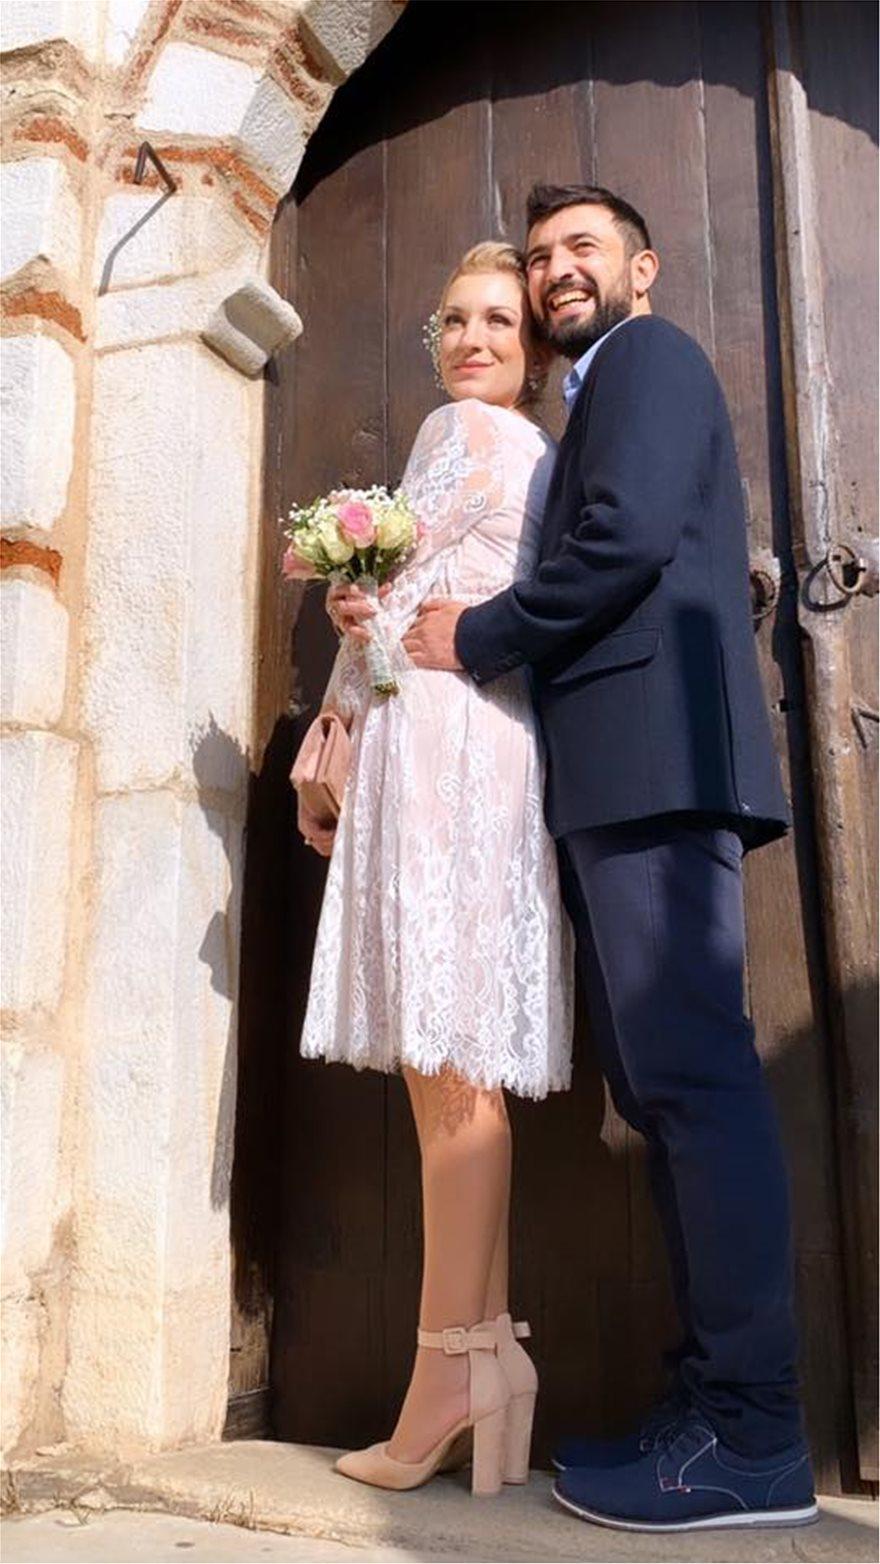 Ολίβια Γαβρίλη: Η πρώην σύζυγος του Μάνου Αντώναρου παντρεύτηκε ξανά - Φωτογραφία 2